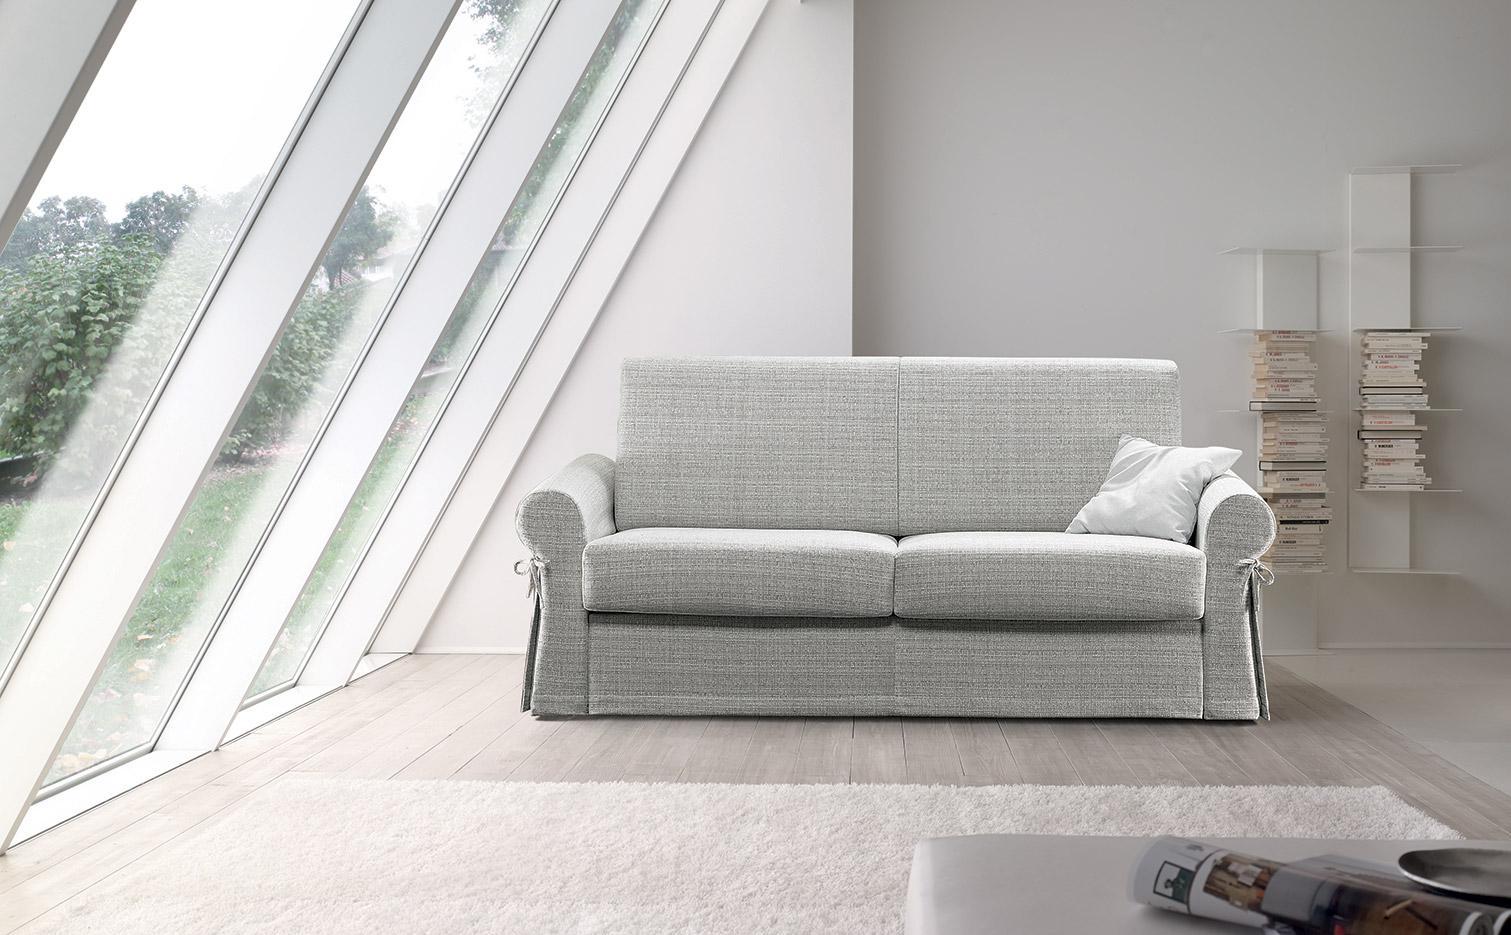 Divani letto - Centro Mobili - arredamento di design